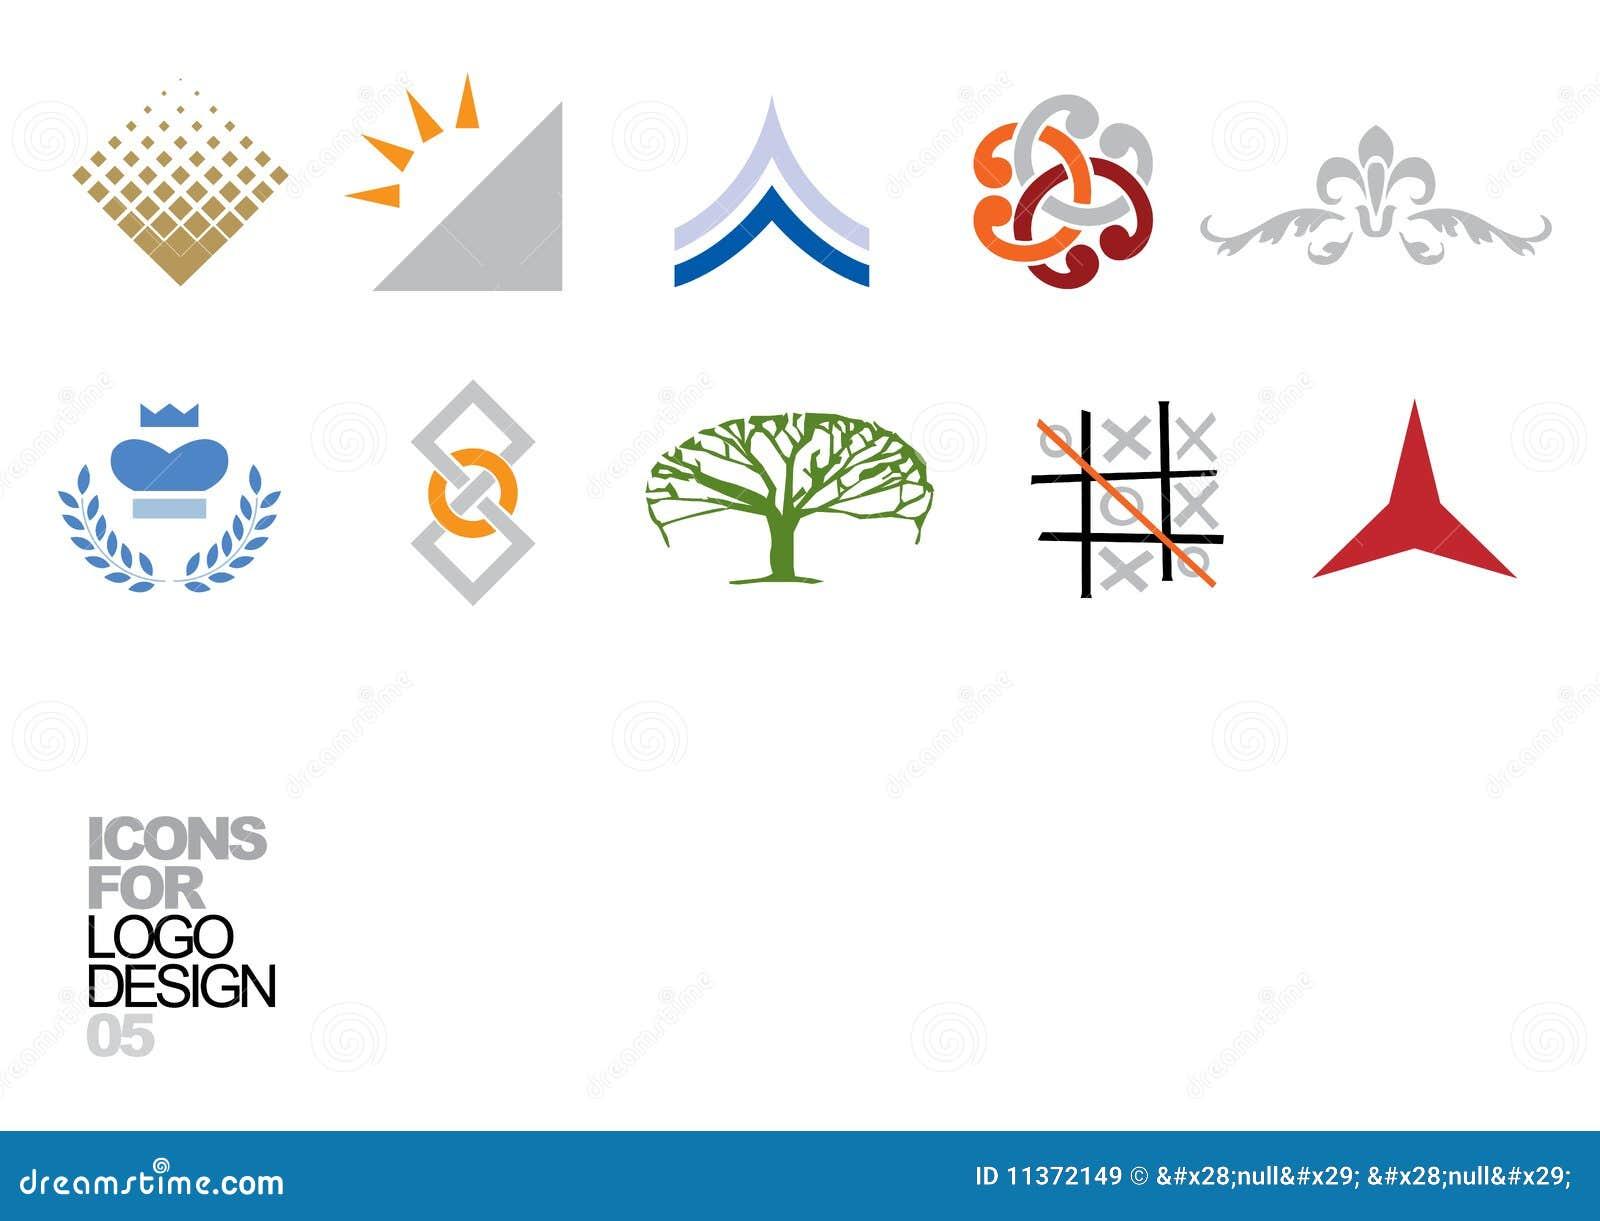 Logo design vector elements 05 royalty free stock images for Design logo gratis